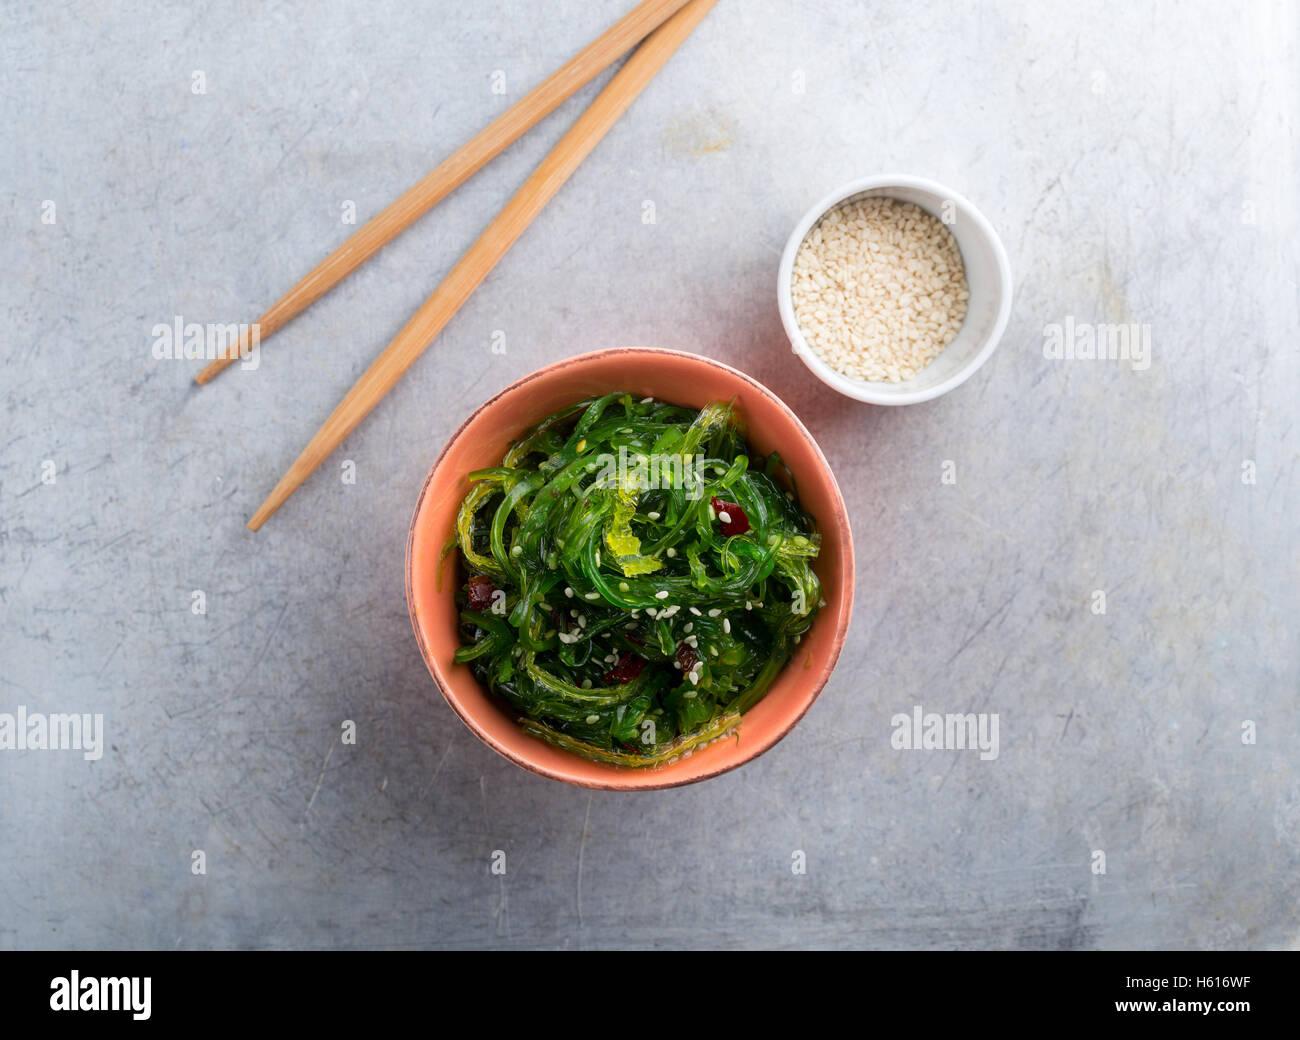 Wakame servido con semillas de sésamo disparó desde arriba Foto de stock